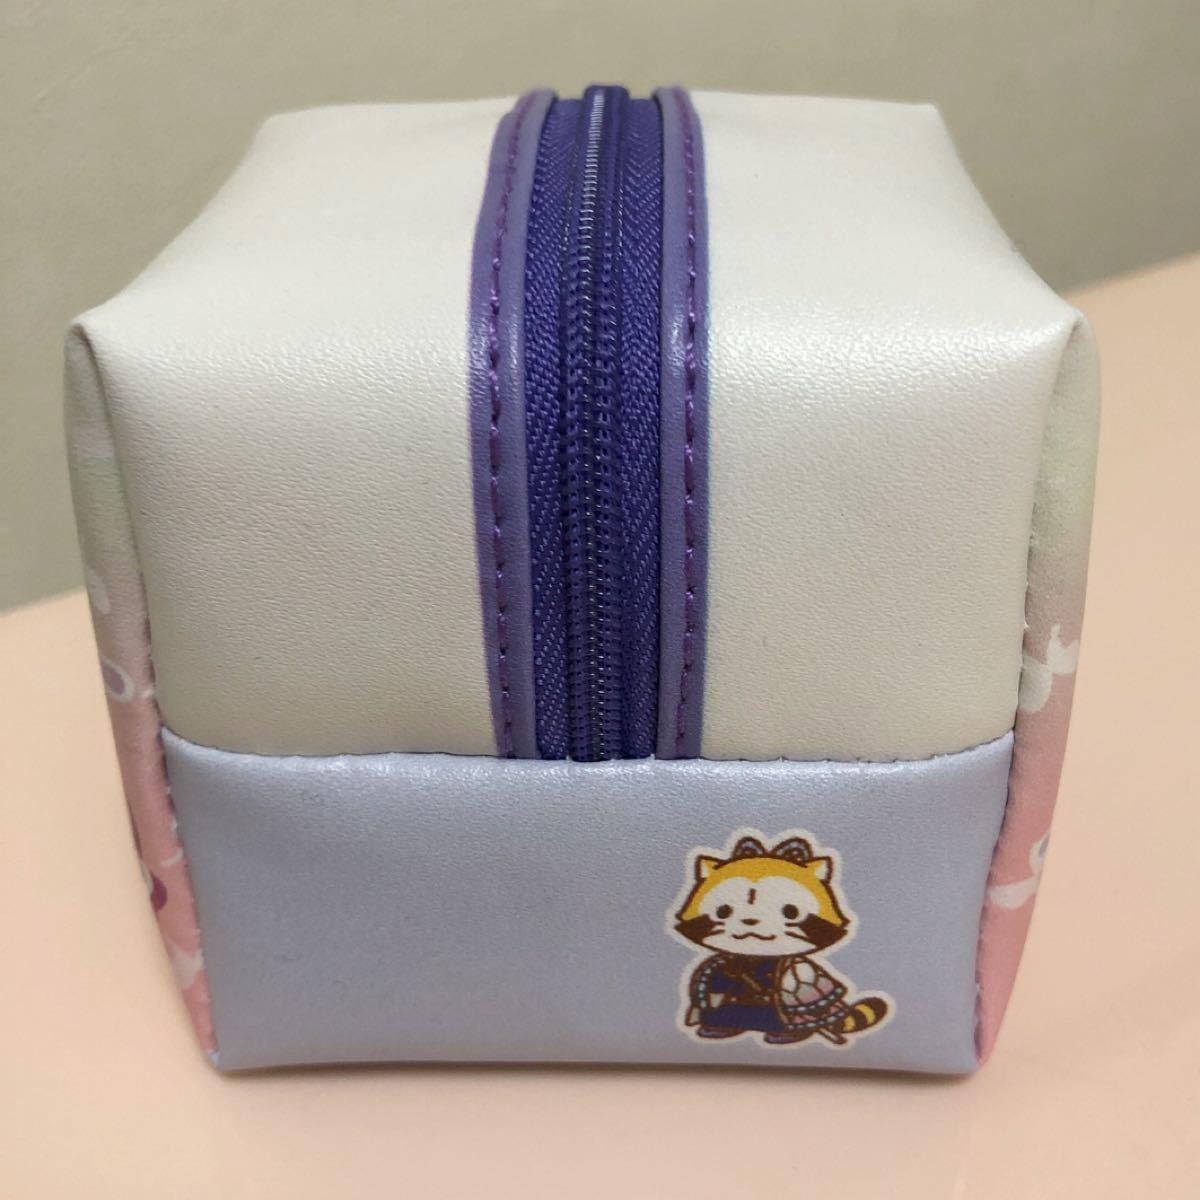 鬼滅の刃×ラスカル コラボ キューブ型ポーチ(胡蝶しのぶ)